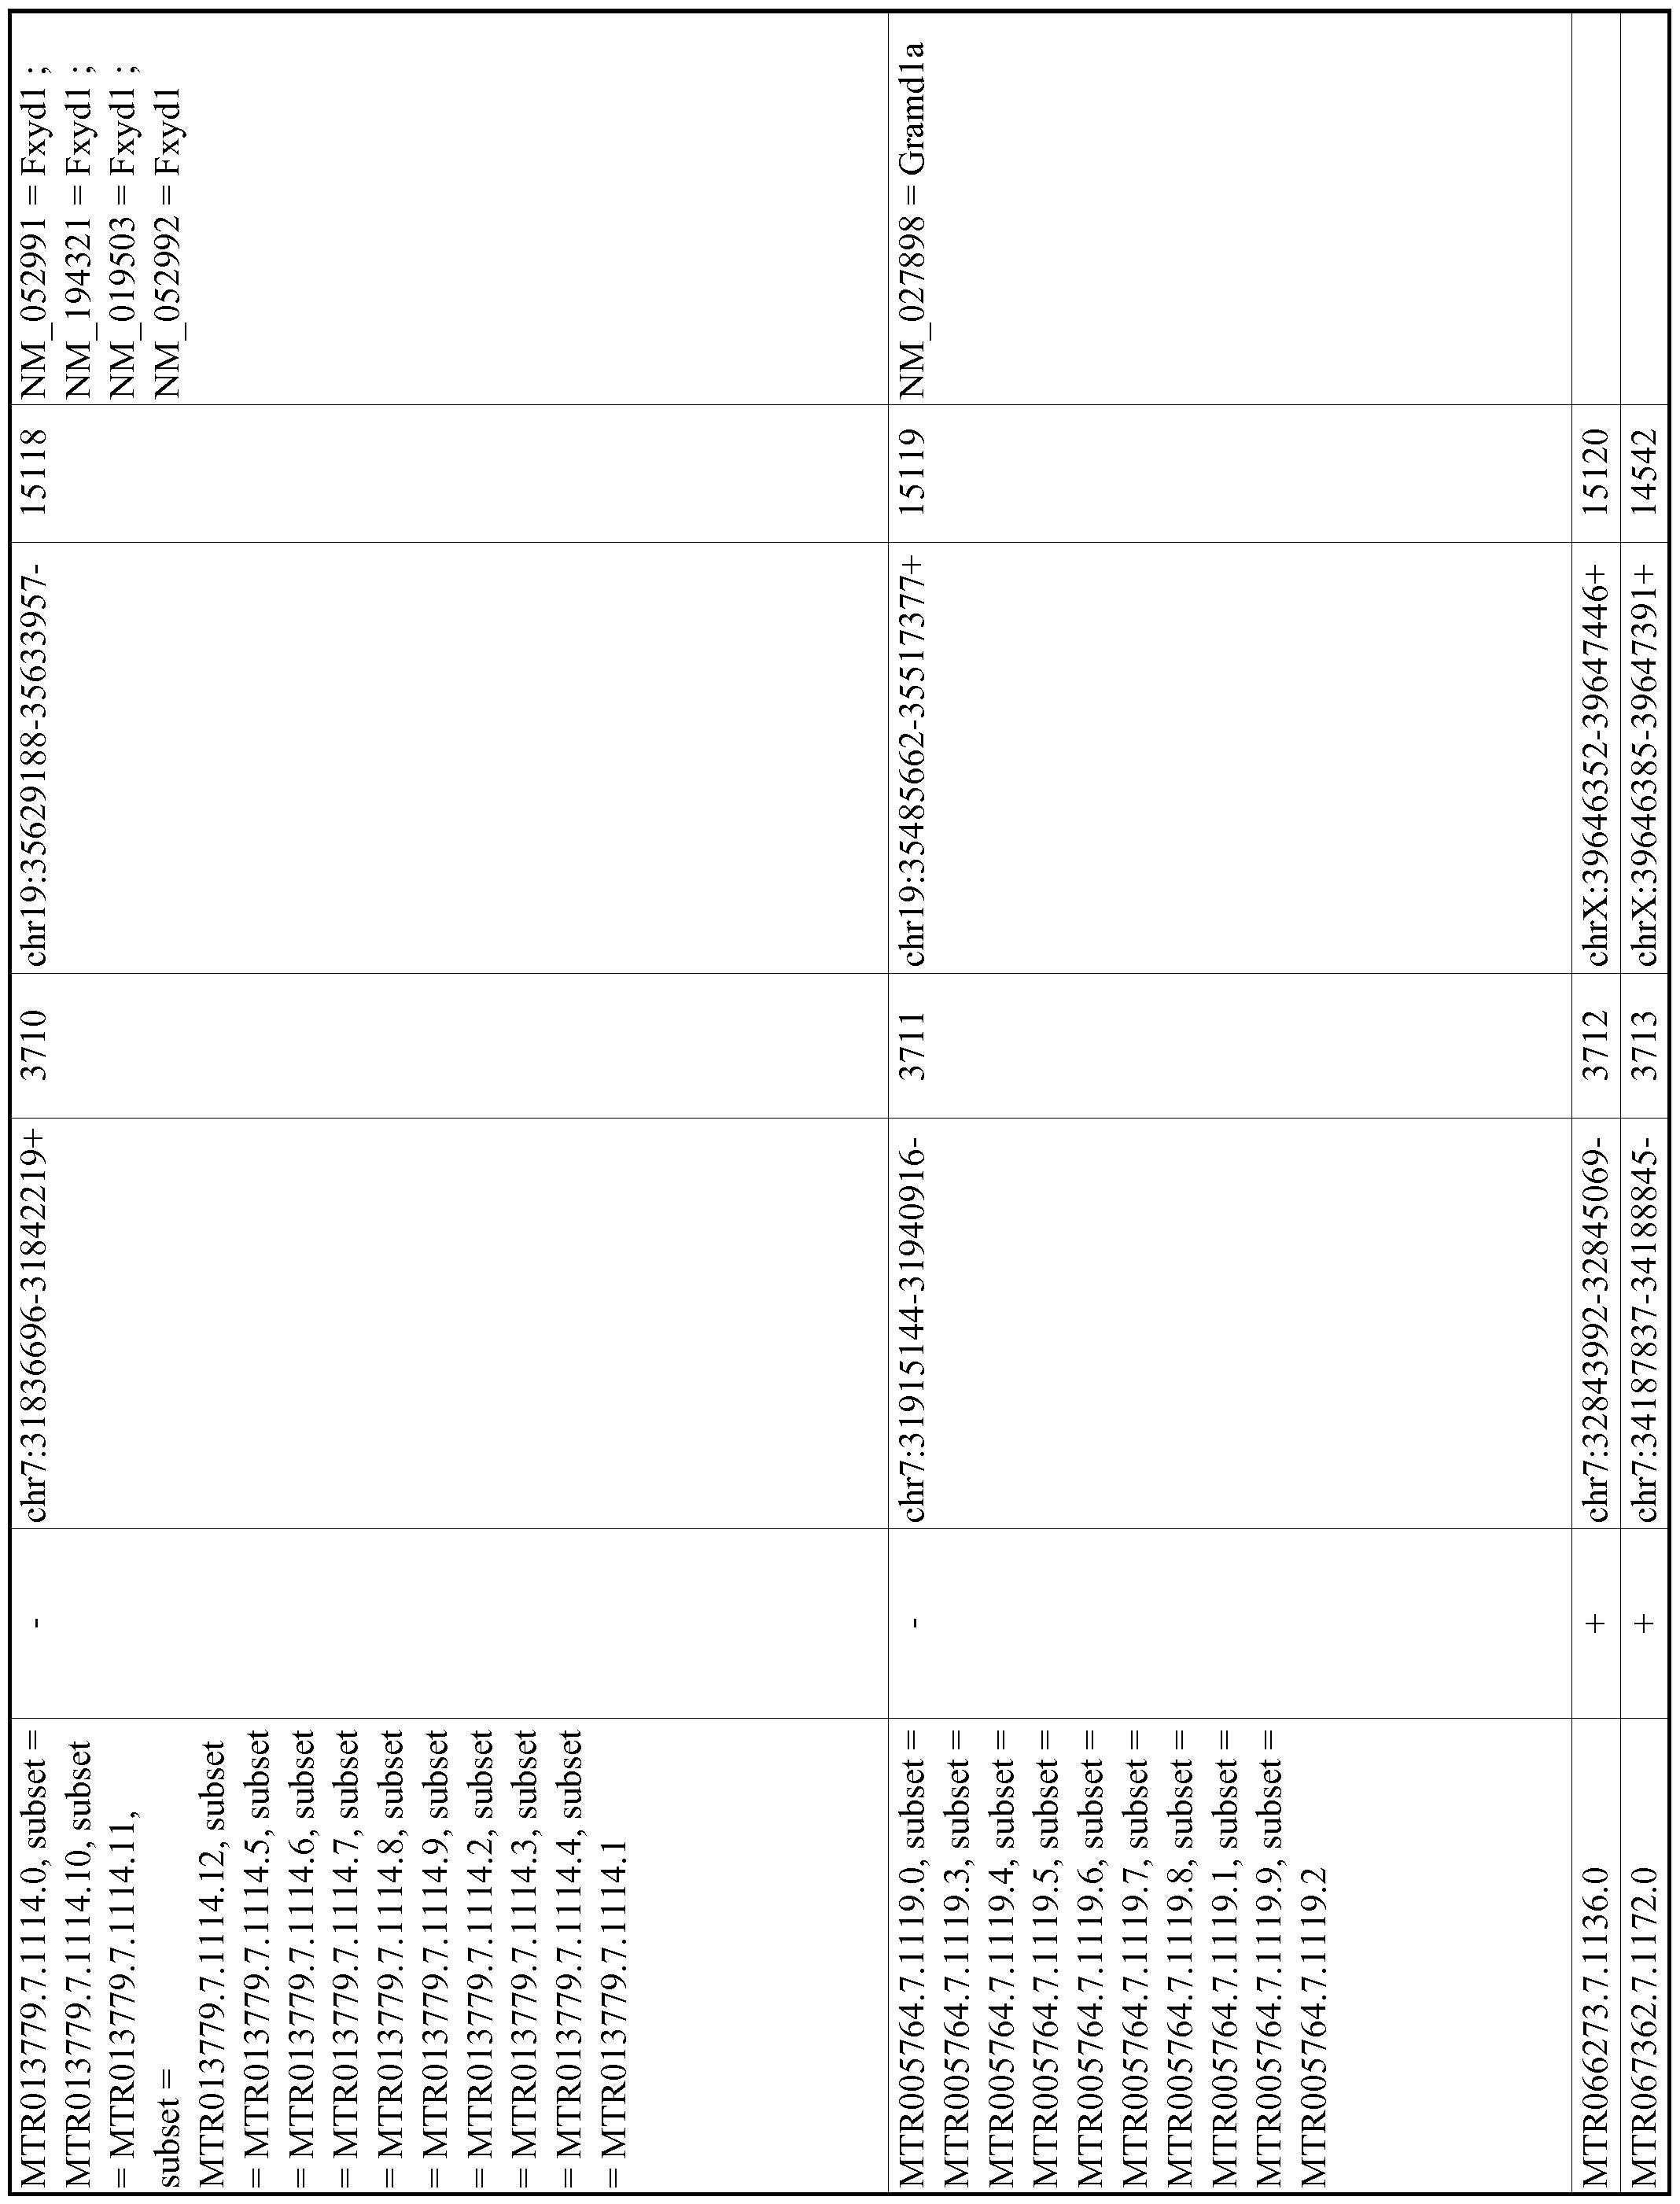 Figure imgf000714_0001